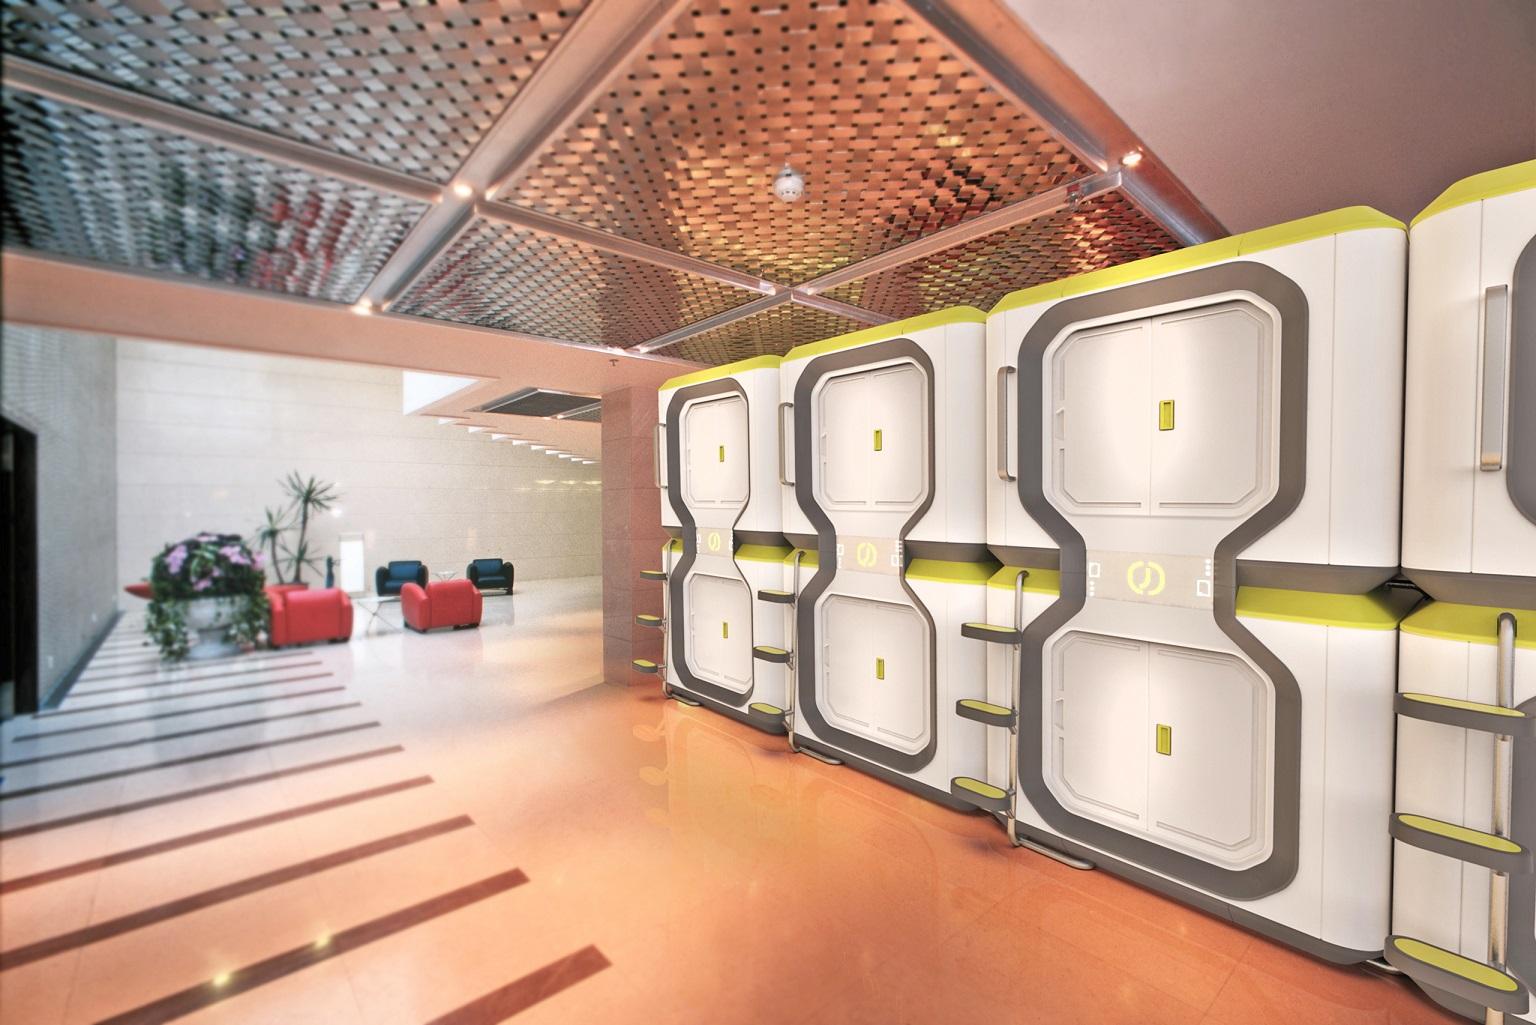 胶囊酒店太空舱图片-生产厂家7.jpg